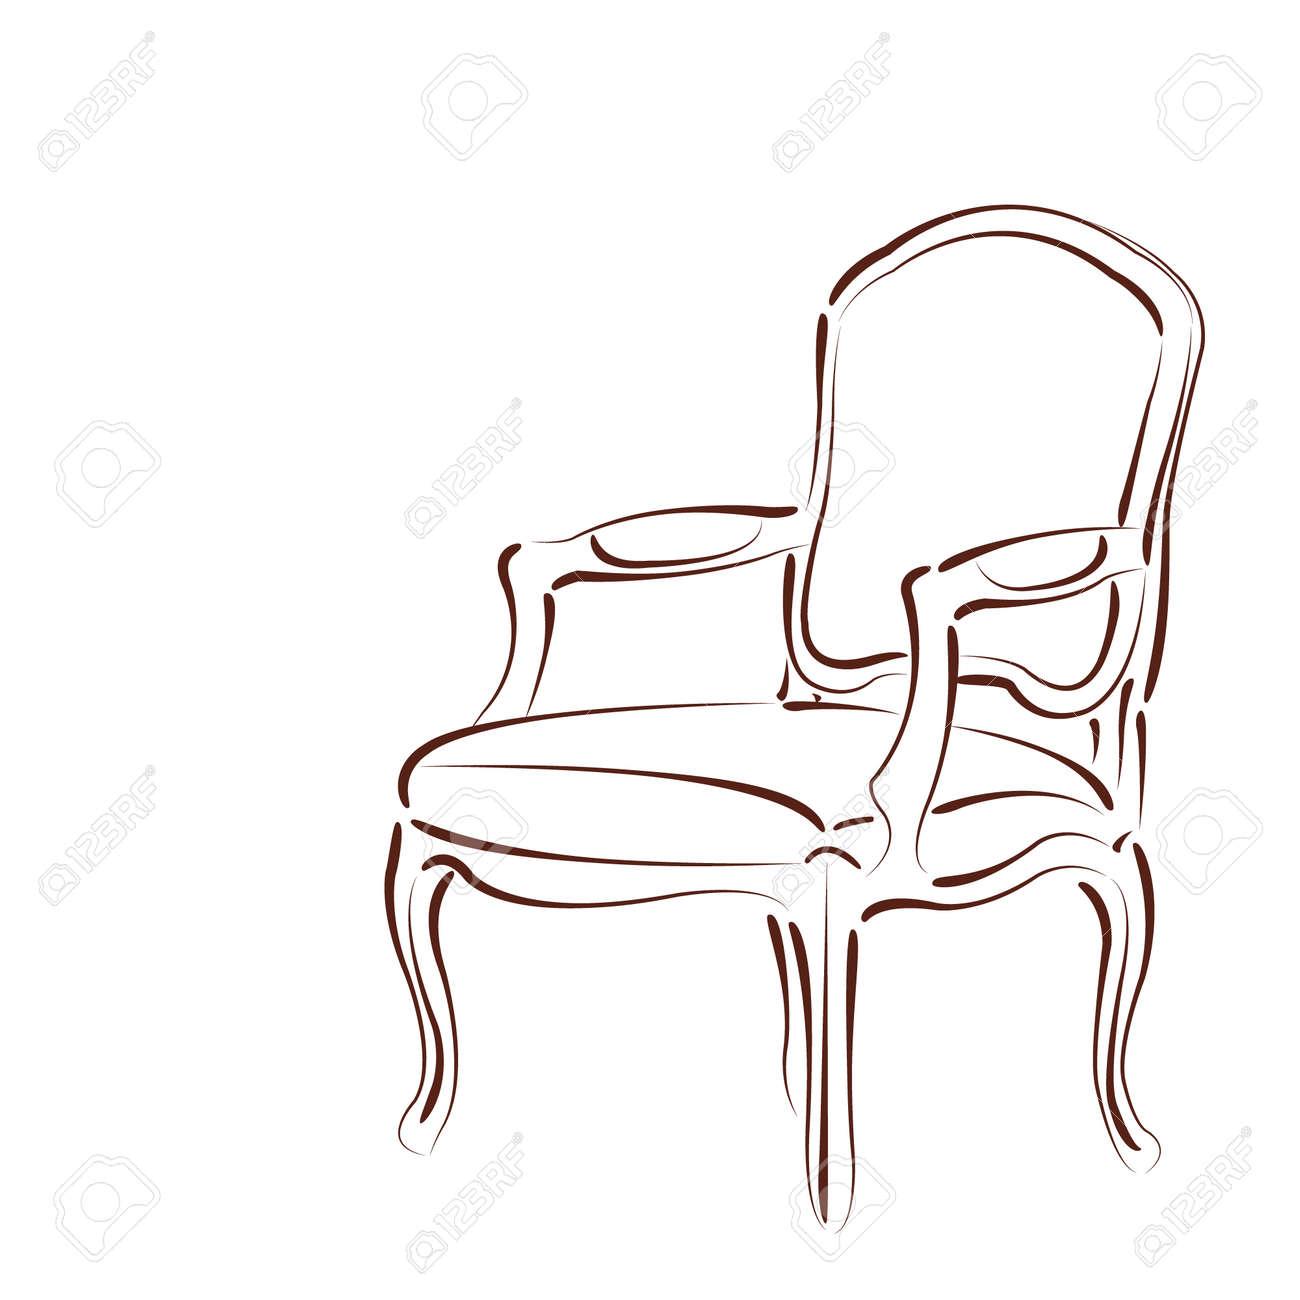 Sessel skizze  Elegante Skizzierten Sessel Isoliert Auf Weißem Hintergrund ...